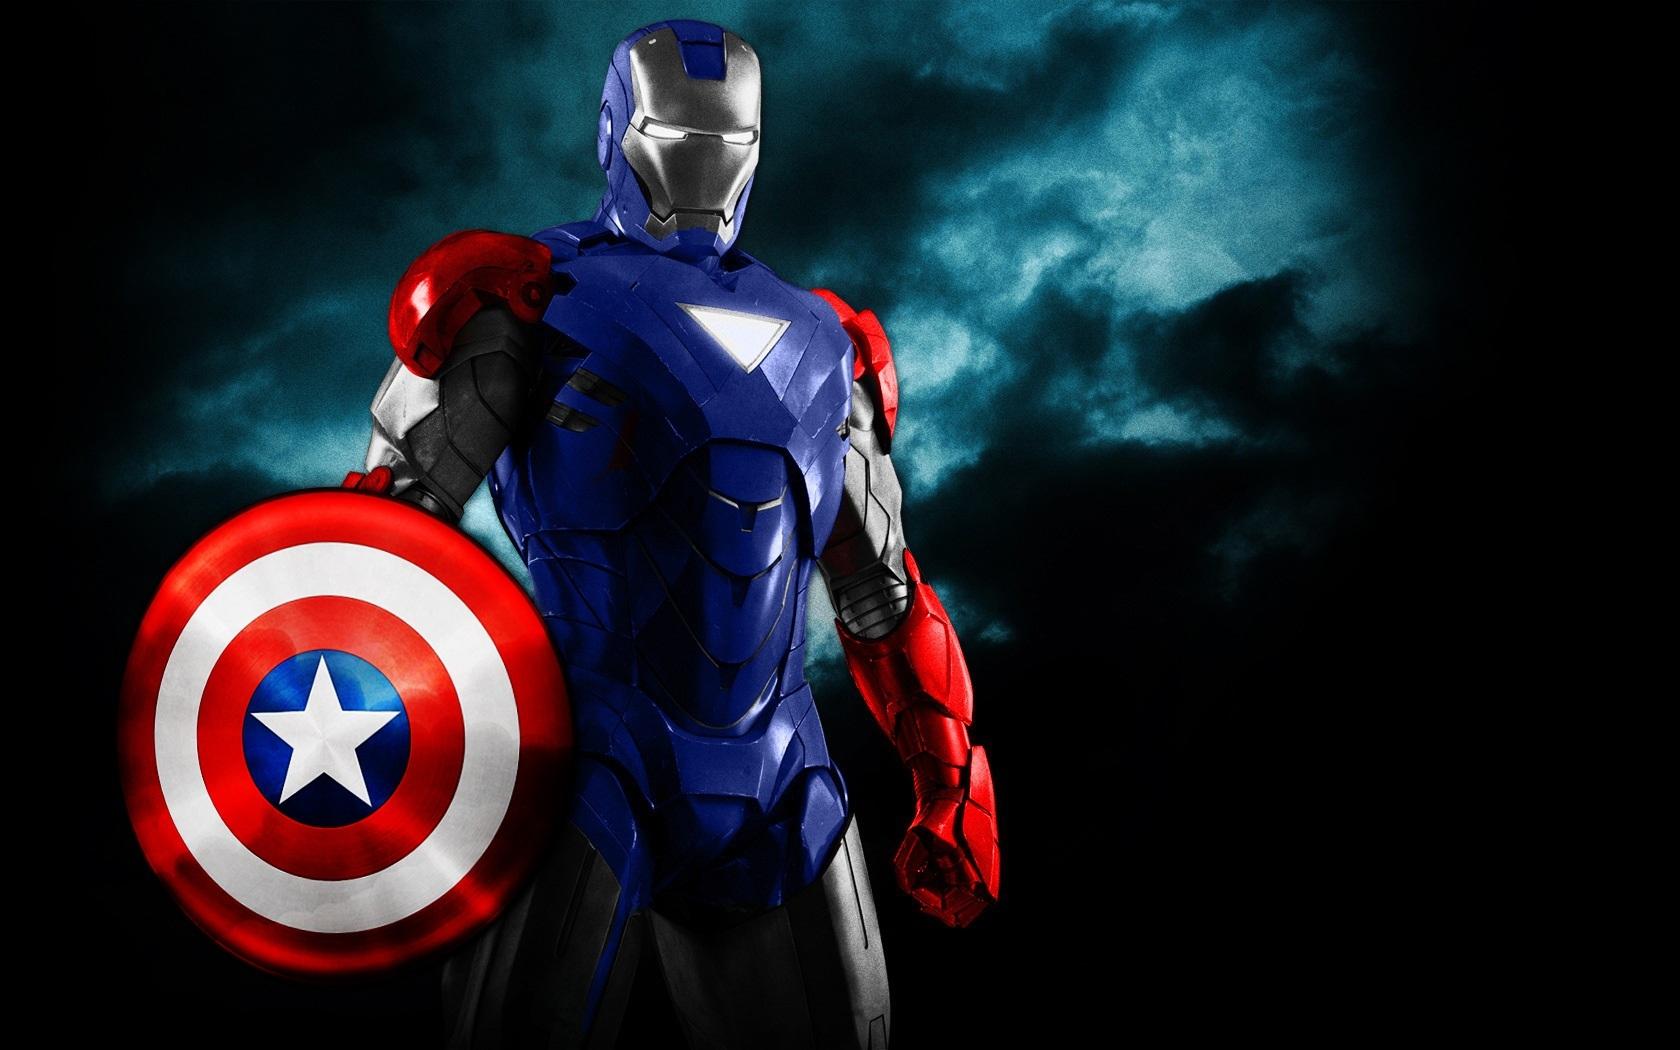 Iron Man Captain America Armor by 666Darks